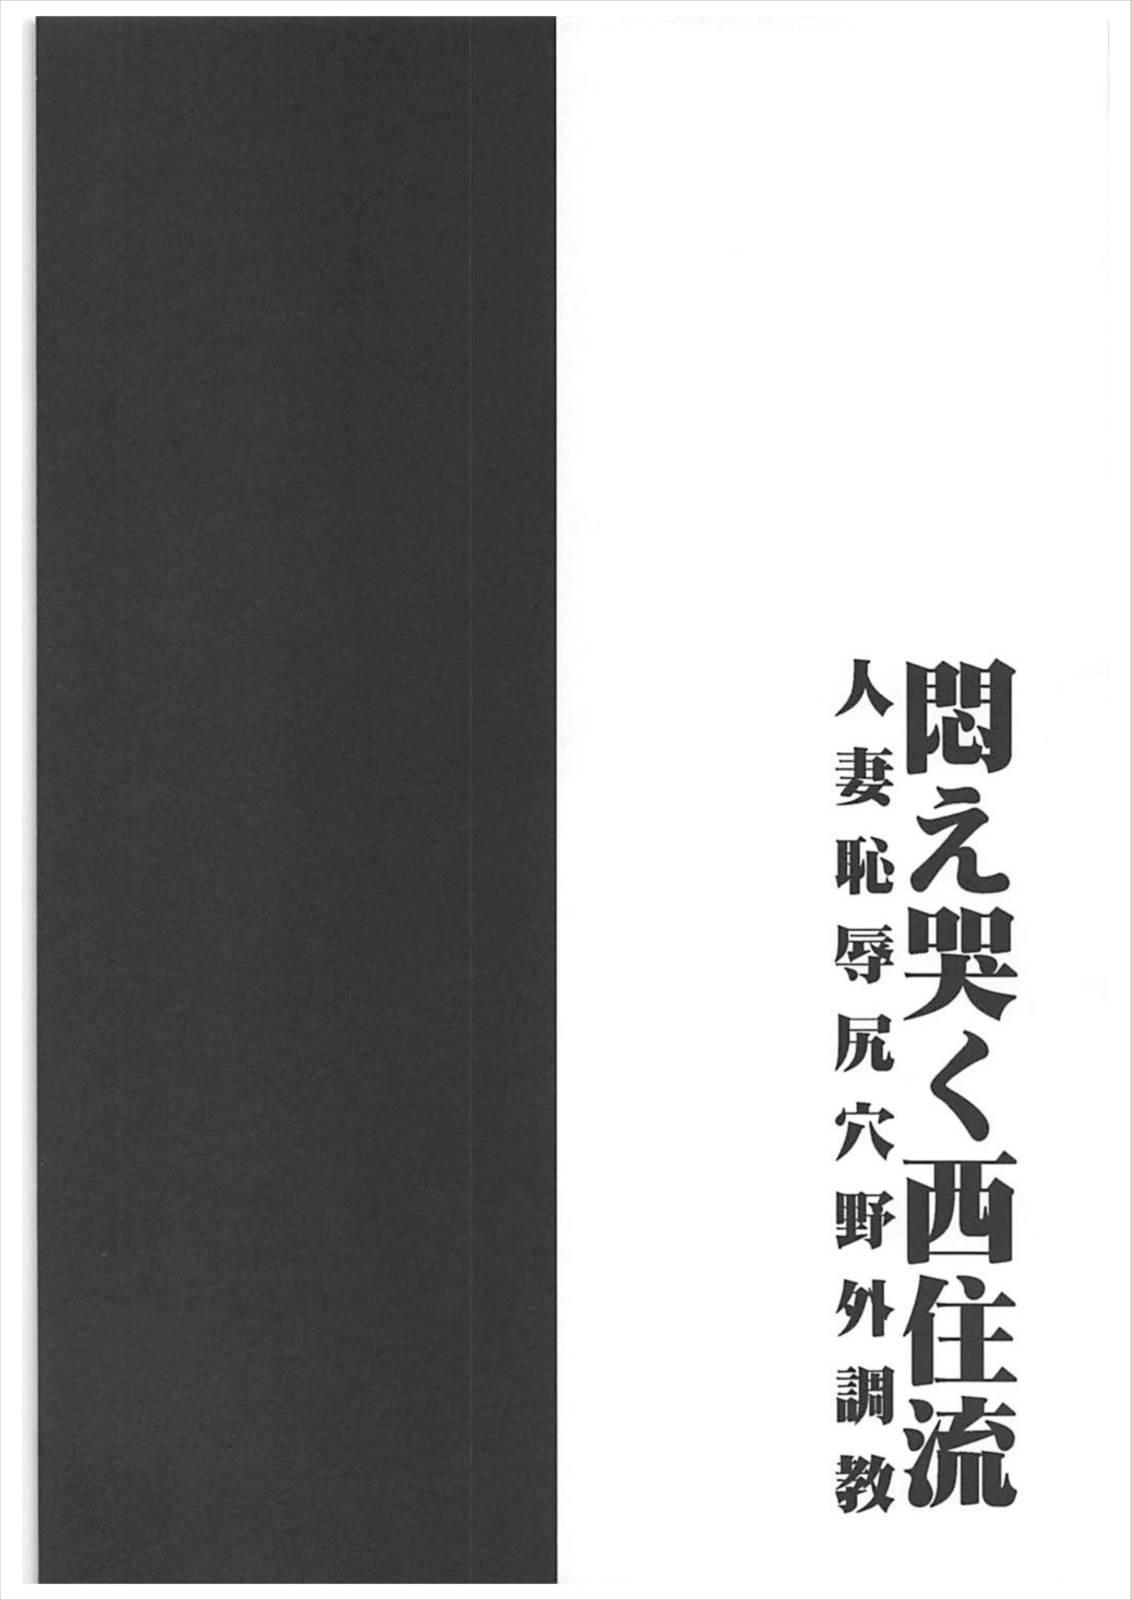 Modae Naku Nishizumi-ryuu Hitozuma Chijoku Shiriana Yagai Choukyou 2